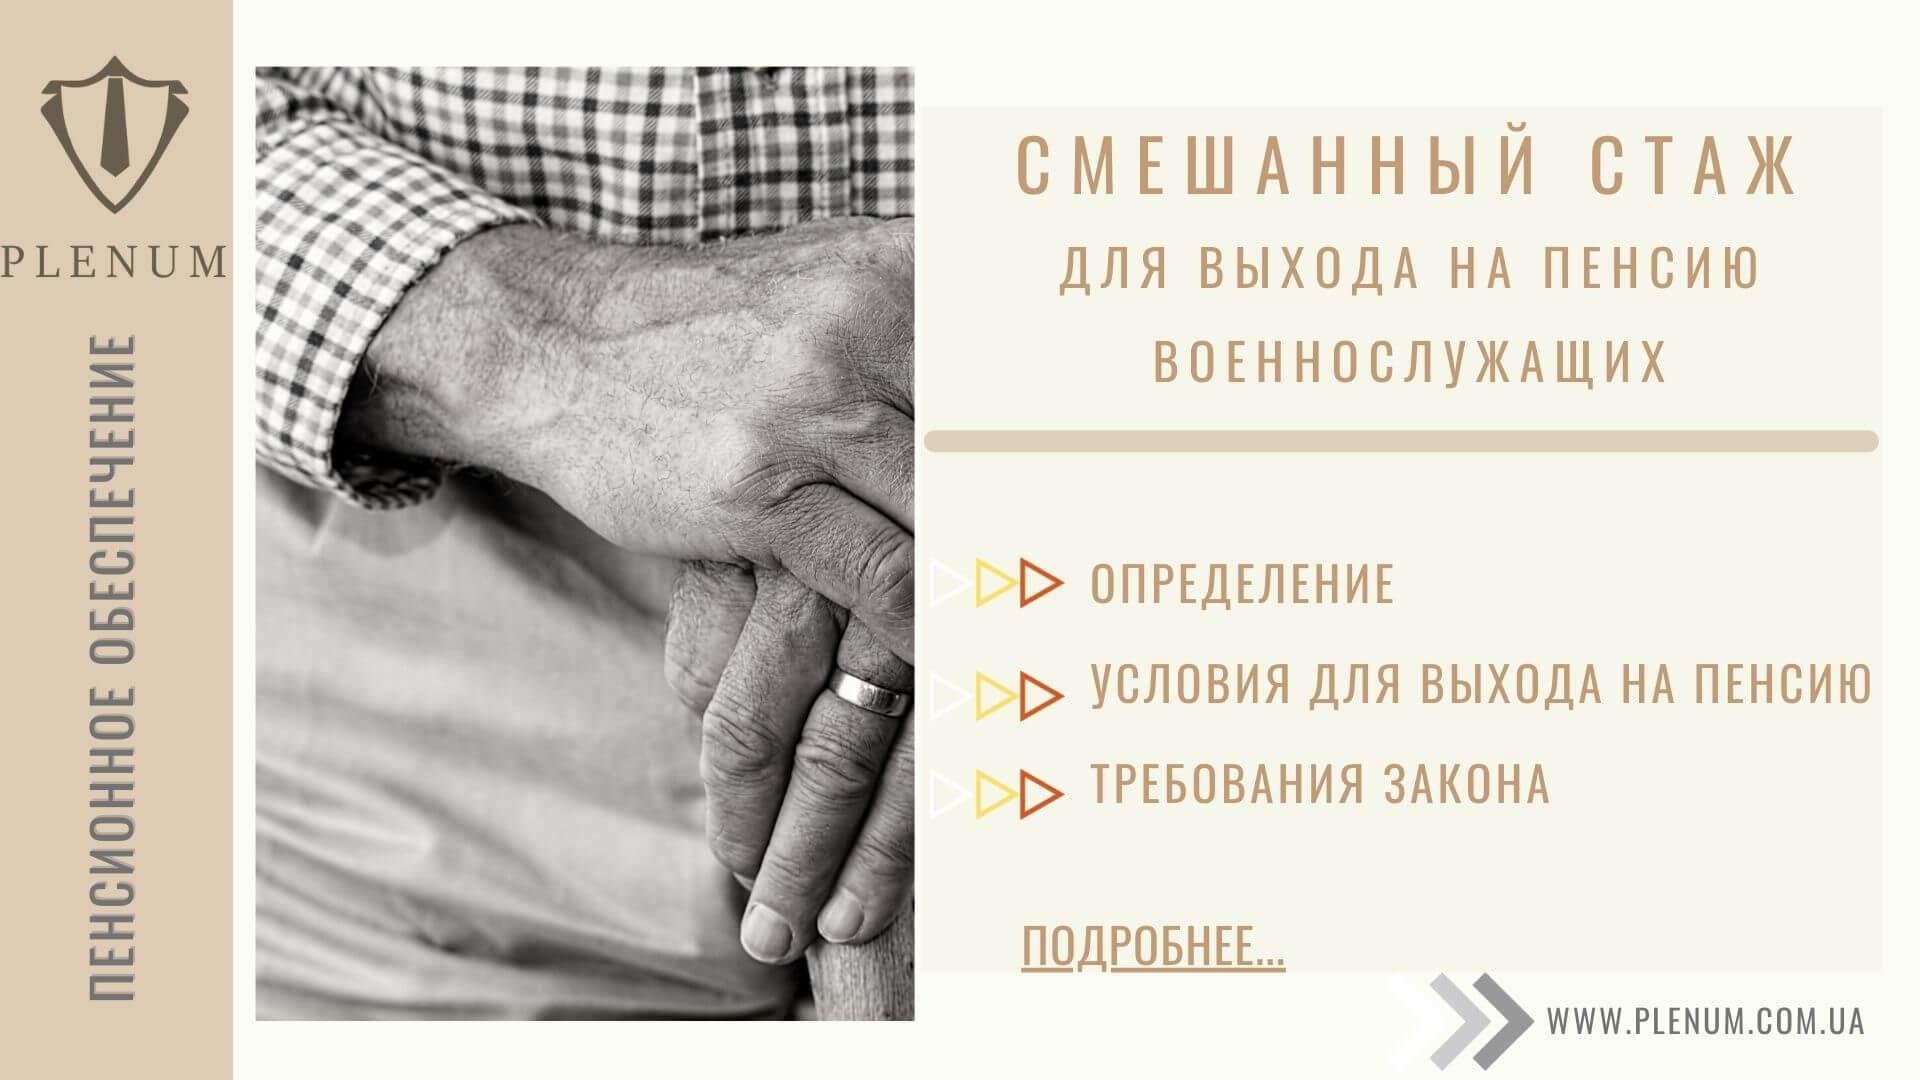 Смешанный стаж для выхода военнослужащих на пенсию по выслуге лет